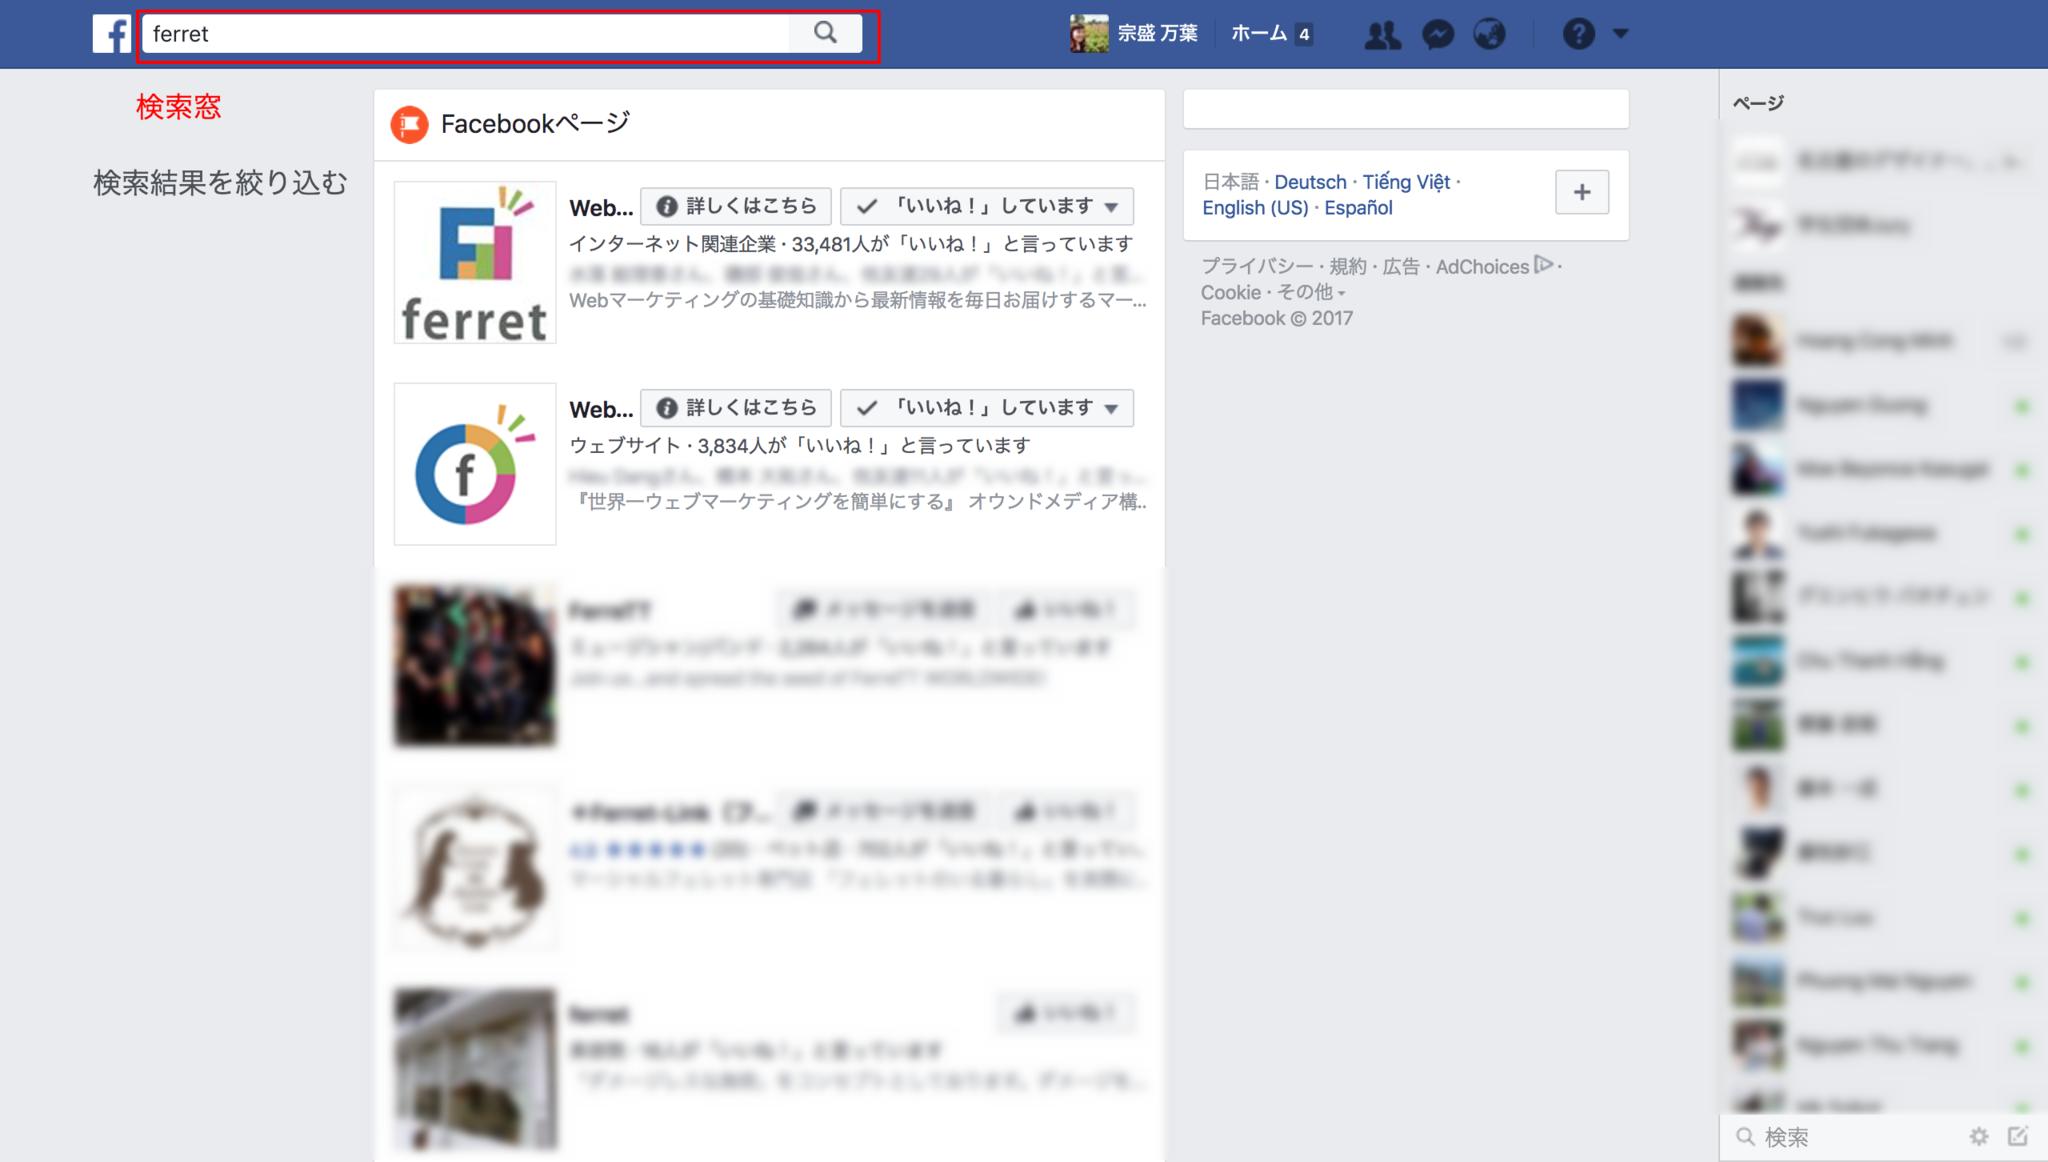 ferret___Facebook検索.png